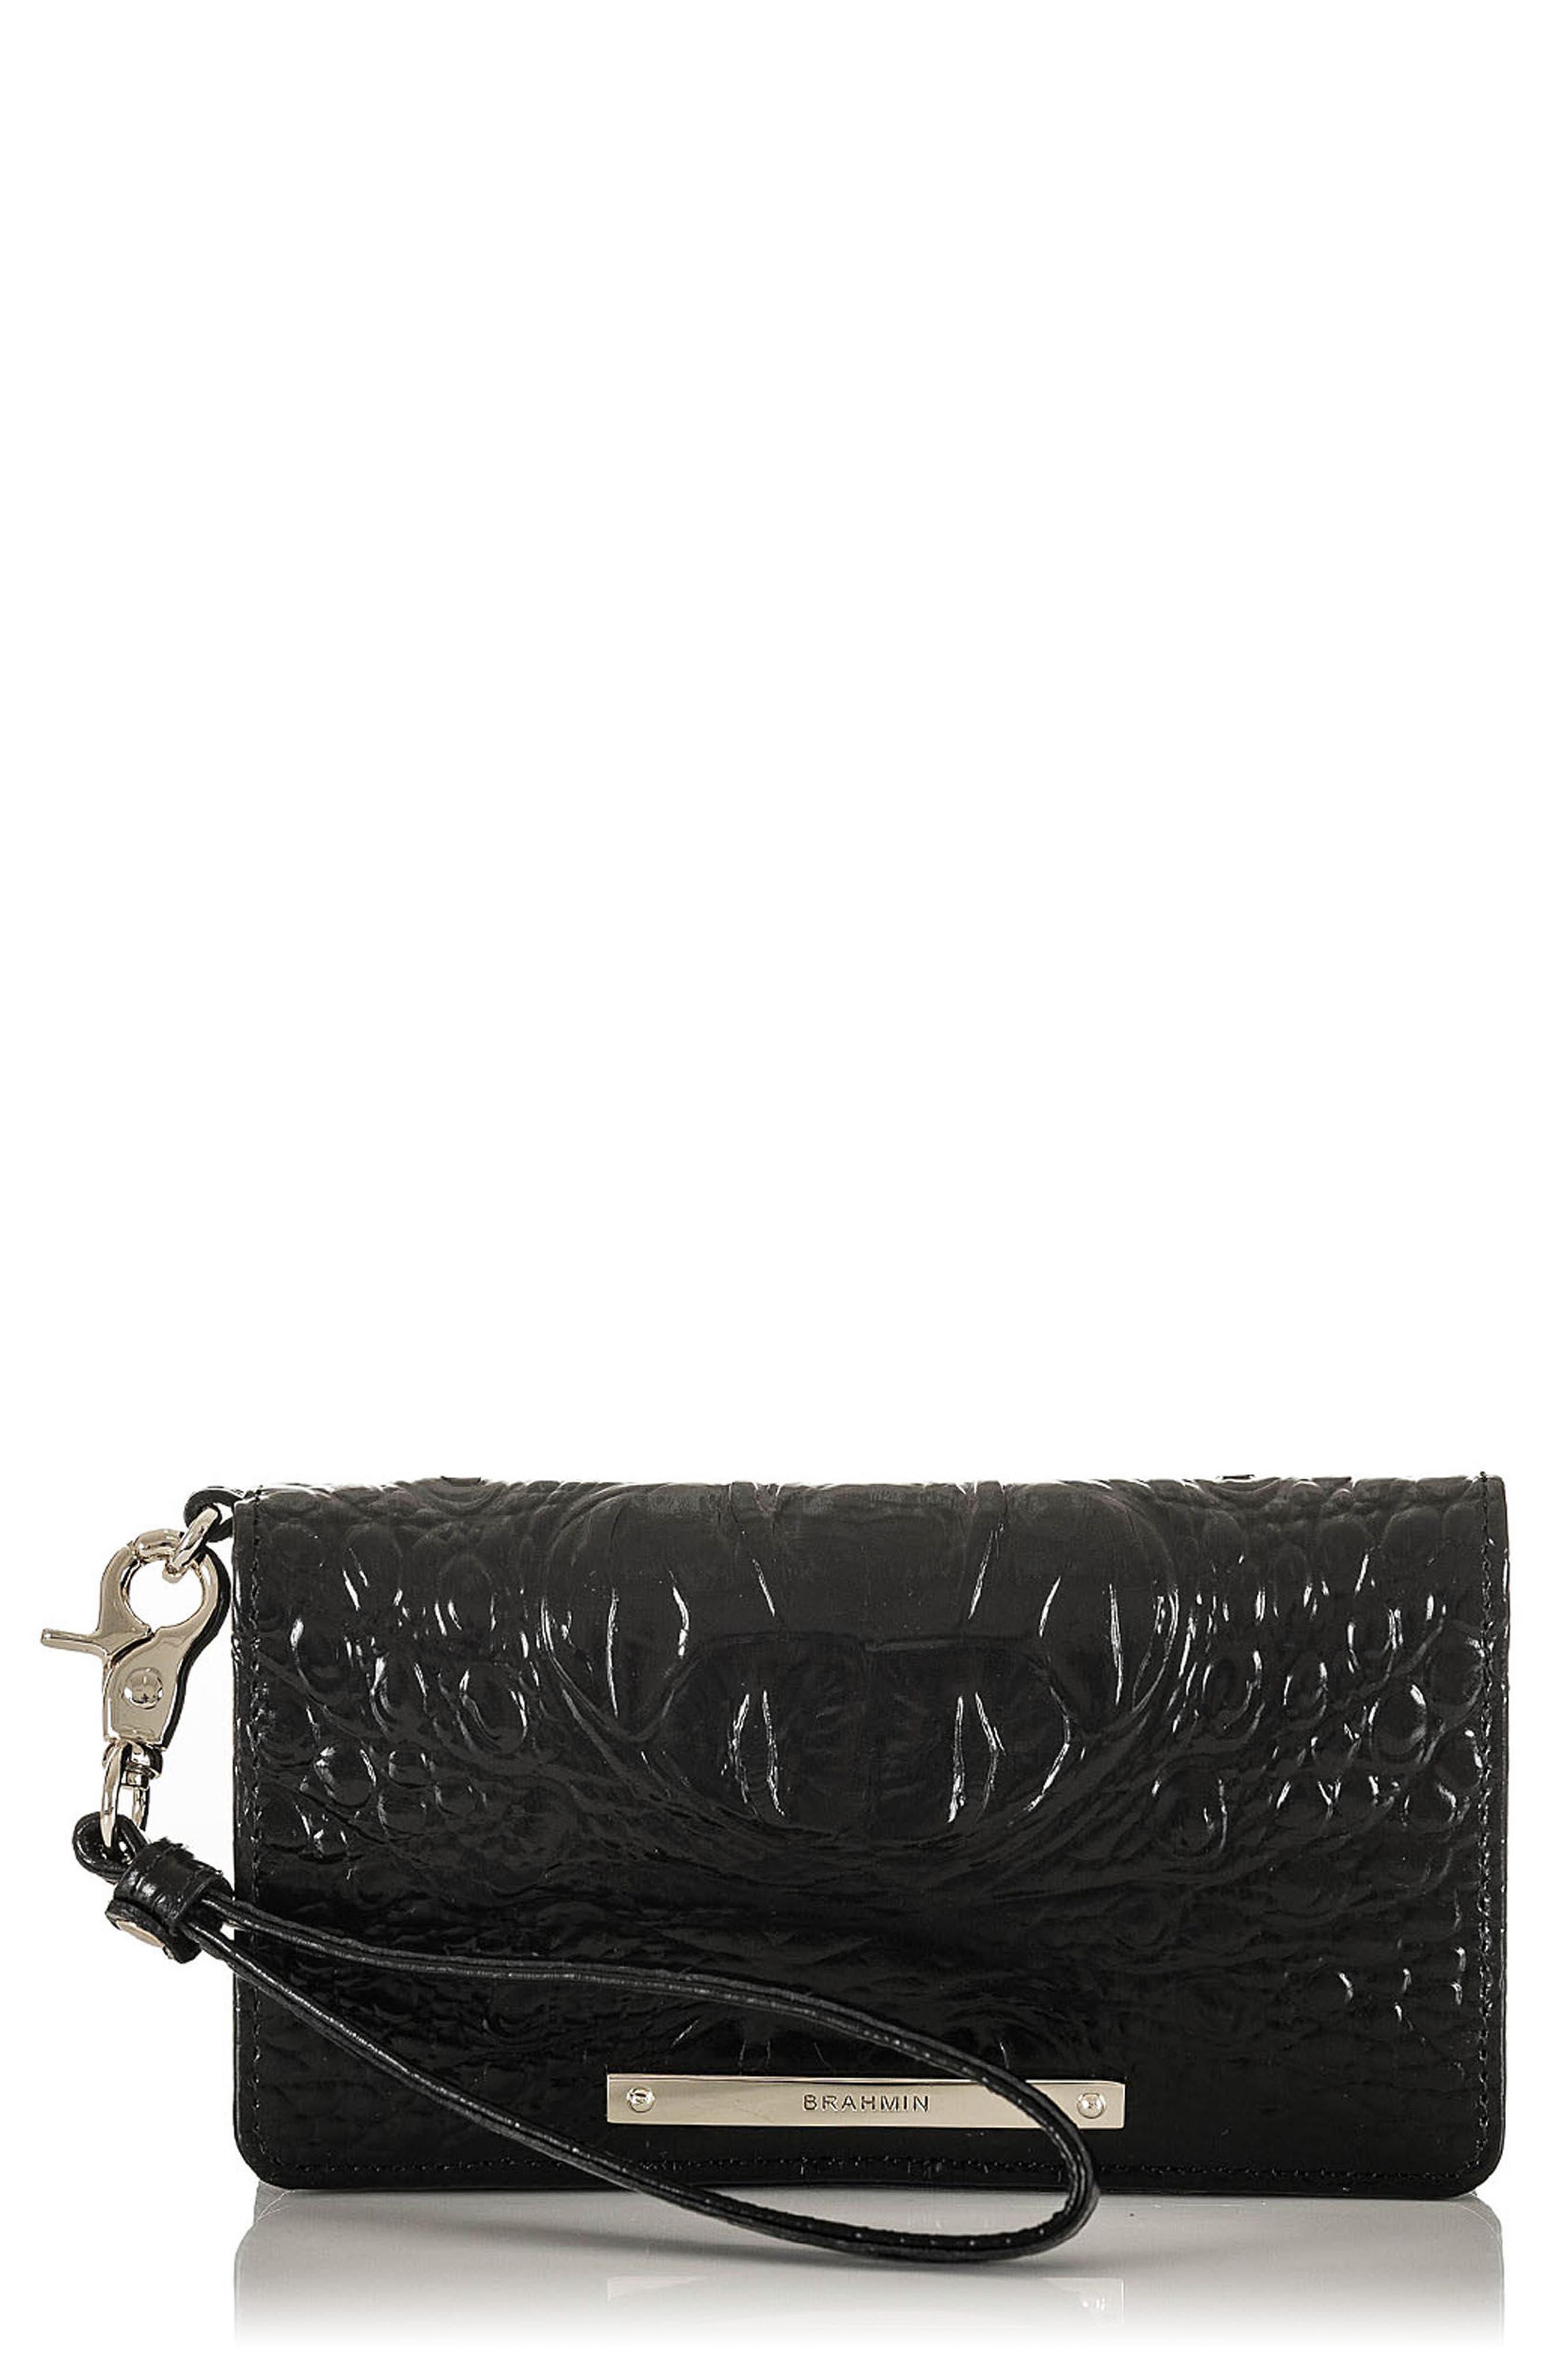 Alternate Image 1 Selected - Brahmin Debra Croc Embossed Leather Phone Wallet